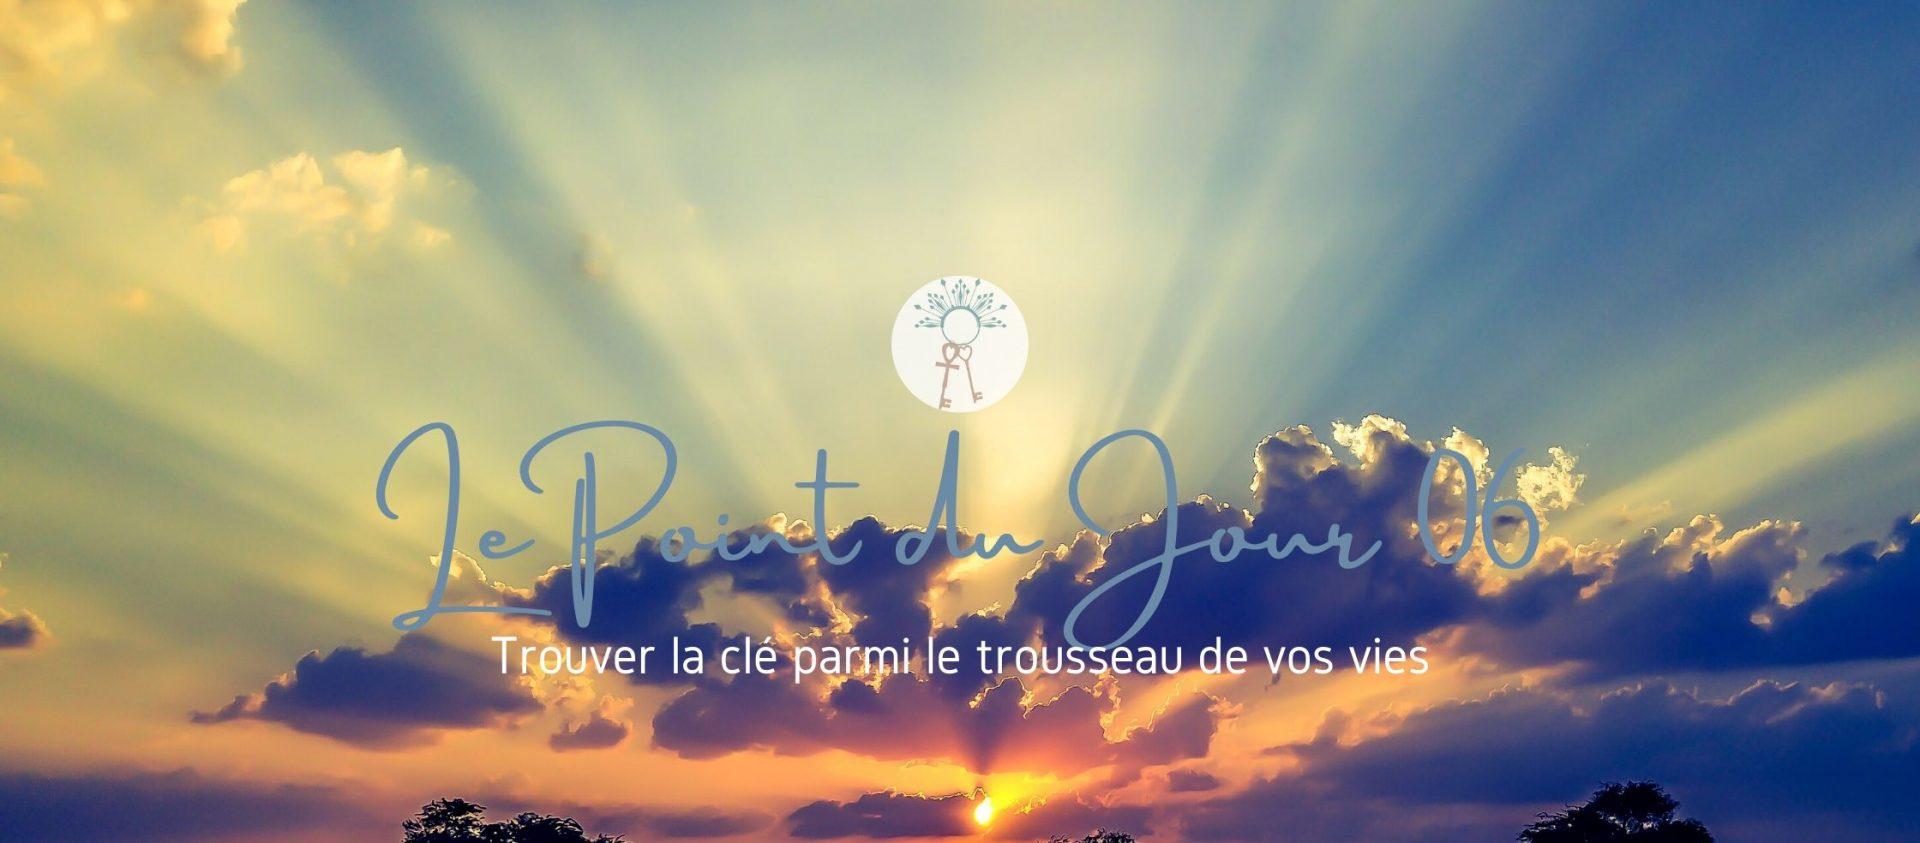 lepointdujour06